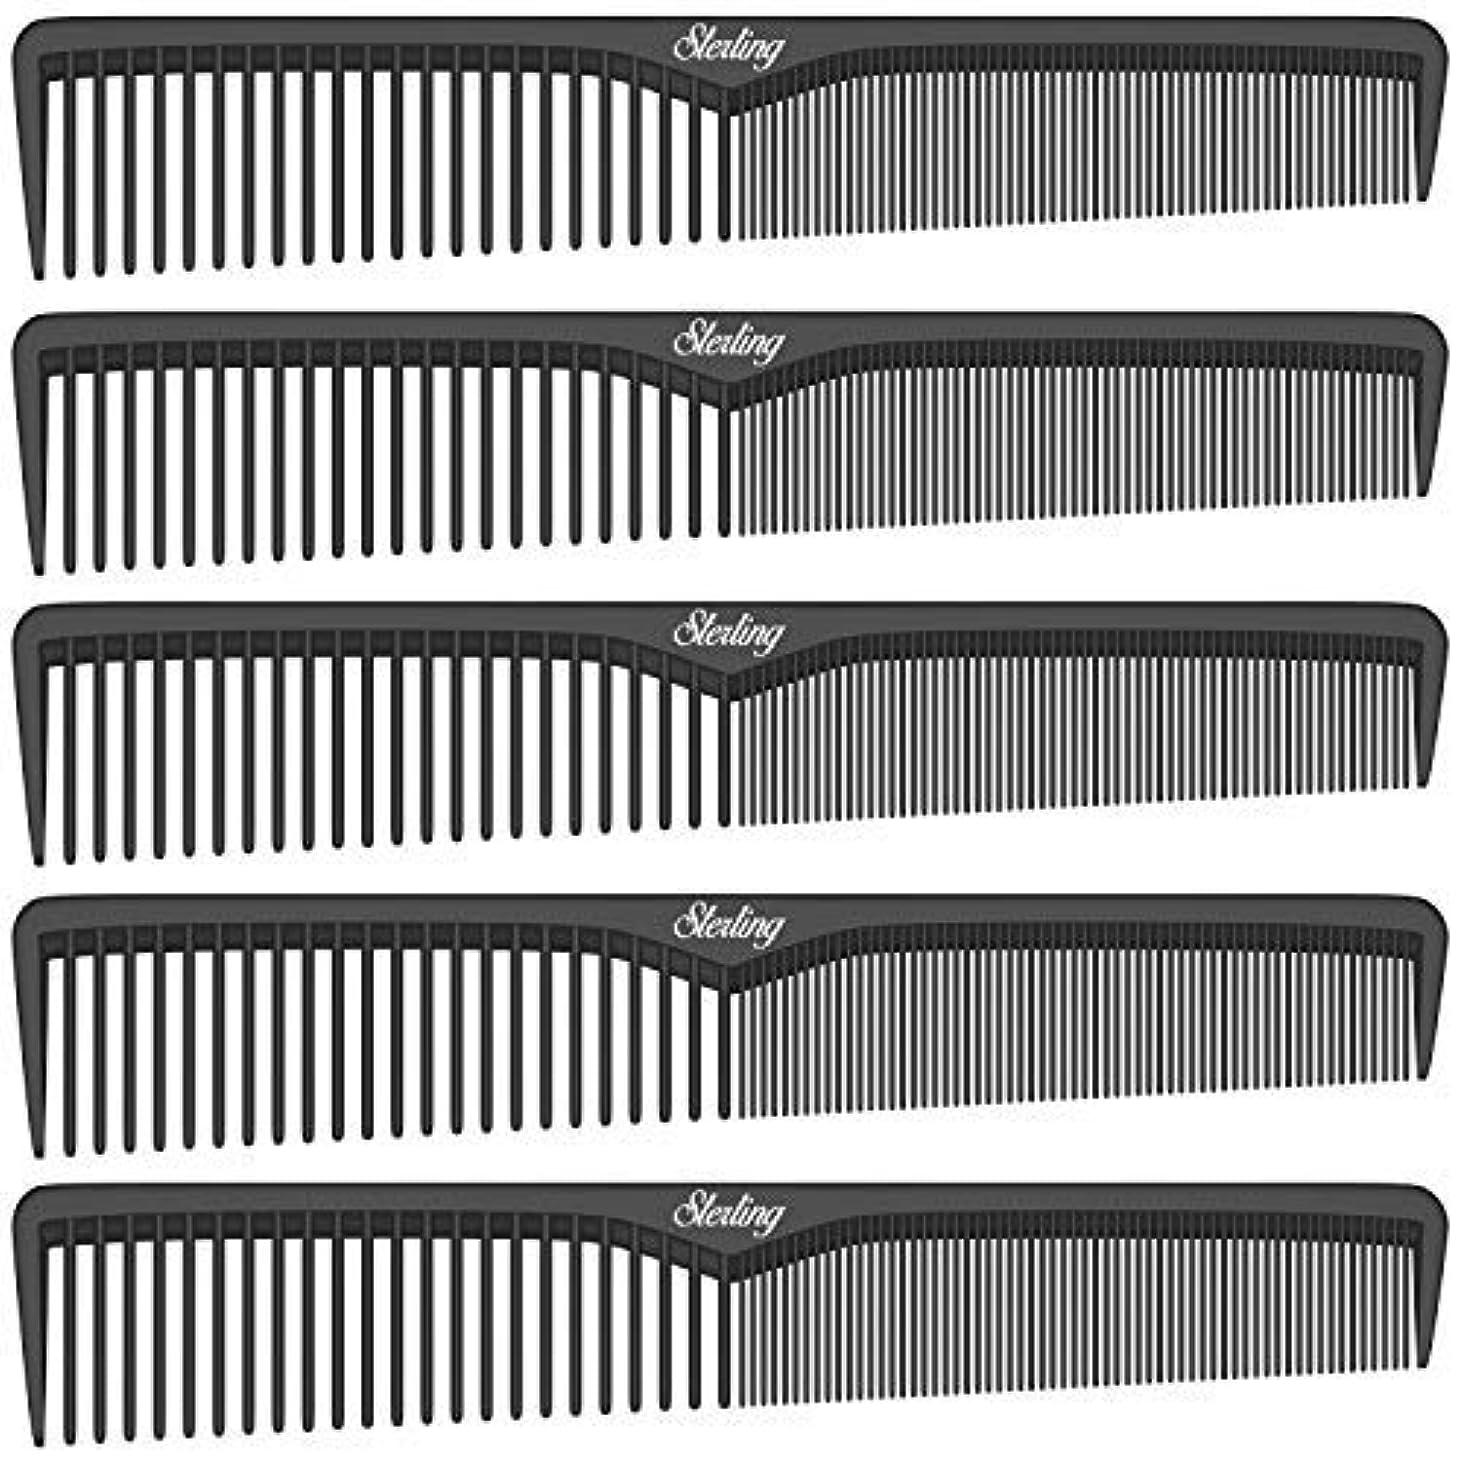 その後ルール削るSterling Beauty Tools Styling Combs, Professional 7